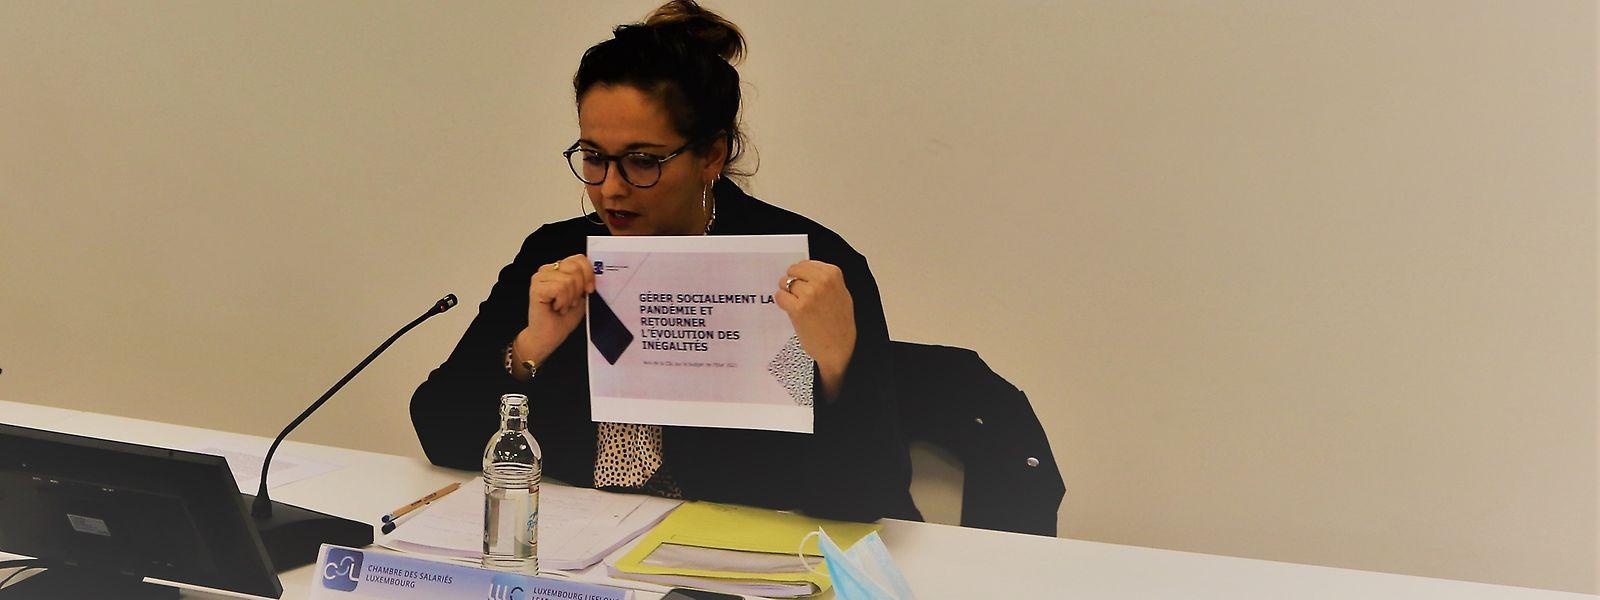 Die Vorsitzende der Chambre de Salariés, Nora Back, bei der Vorstellung des CSL-Gutachtens zum Haushaltsentwurf 2021.